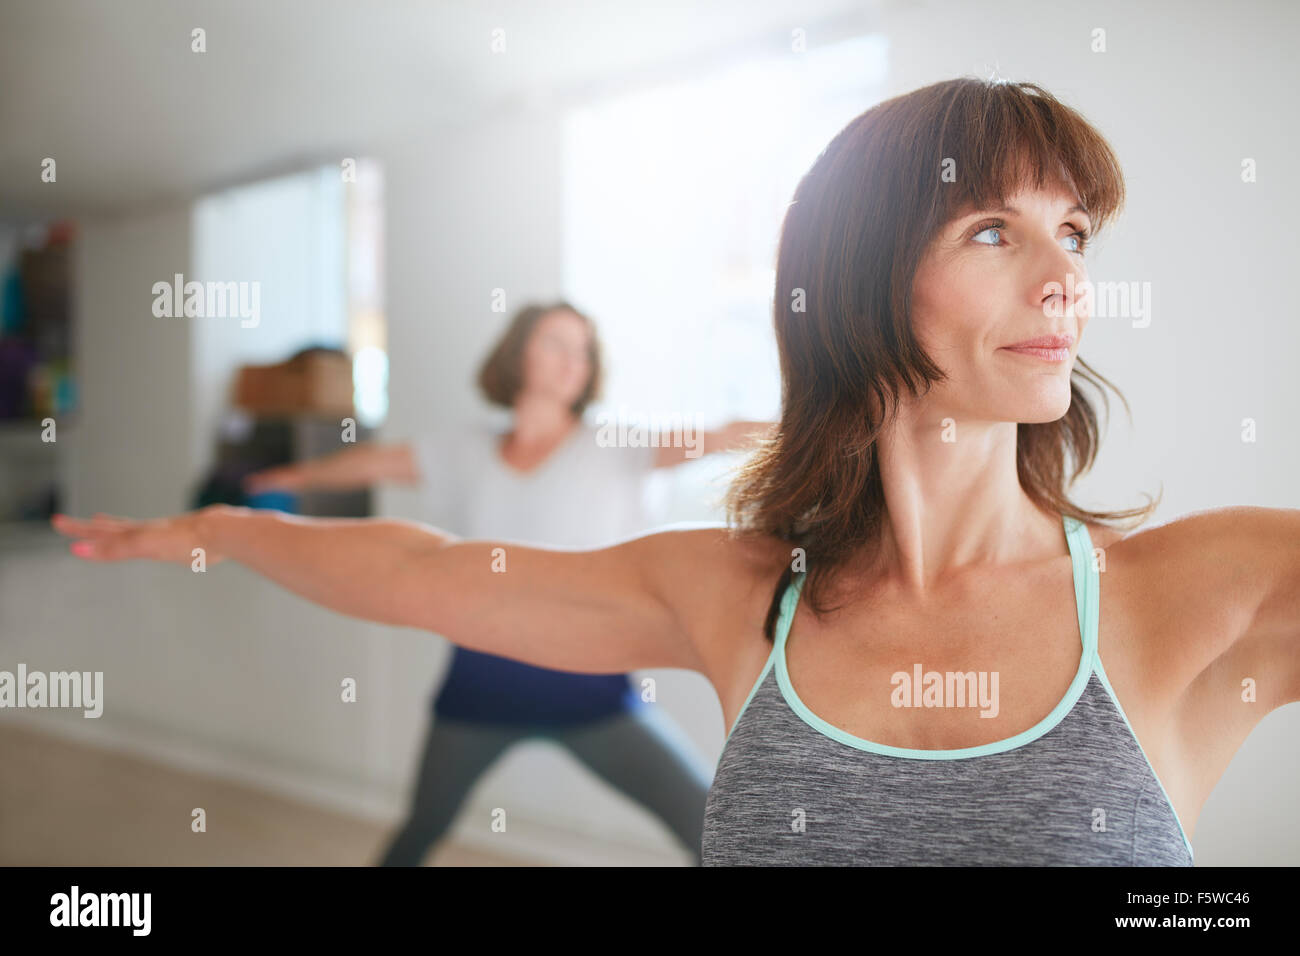 Porträt der schönen jungen Frau tut der Krieger-Pose während der Yoga-Kurs. Yoga-Lehrer Durchführung Virabhadrasana Stockfoto